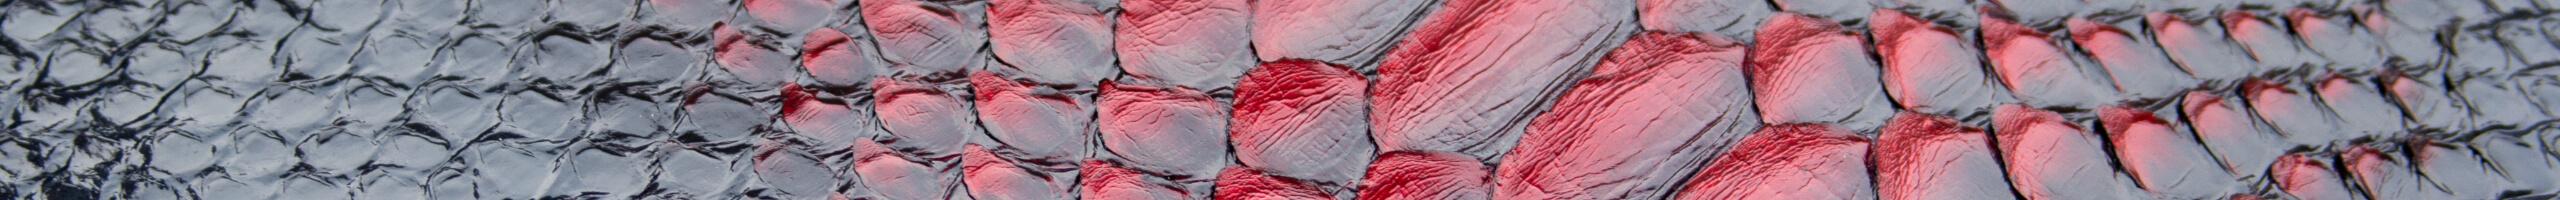 Шнуры из натуральной кожи питона